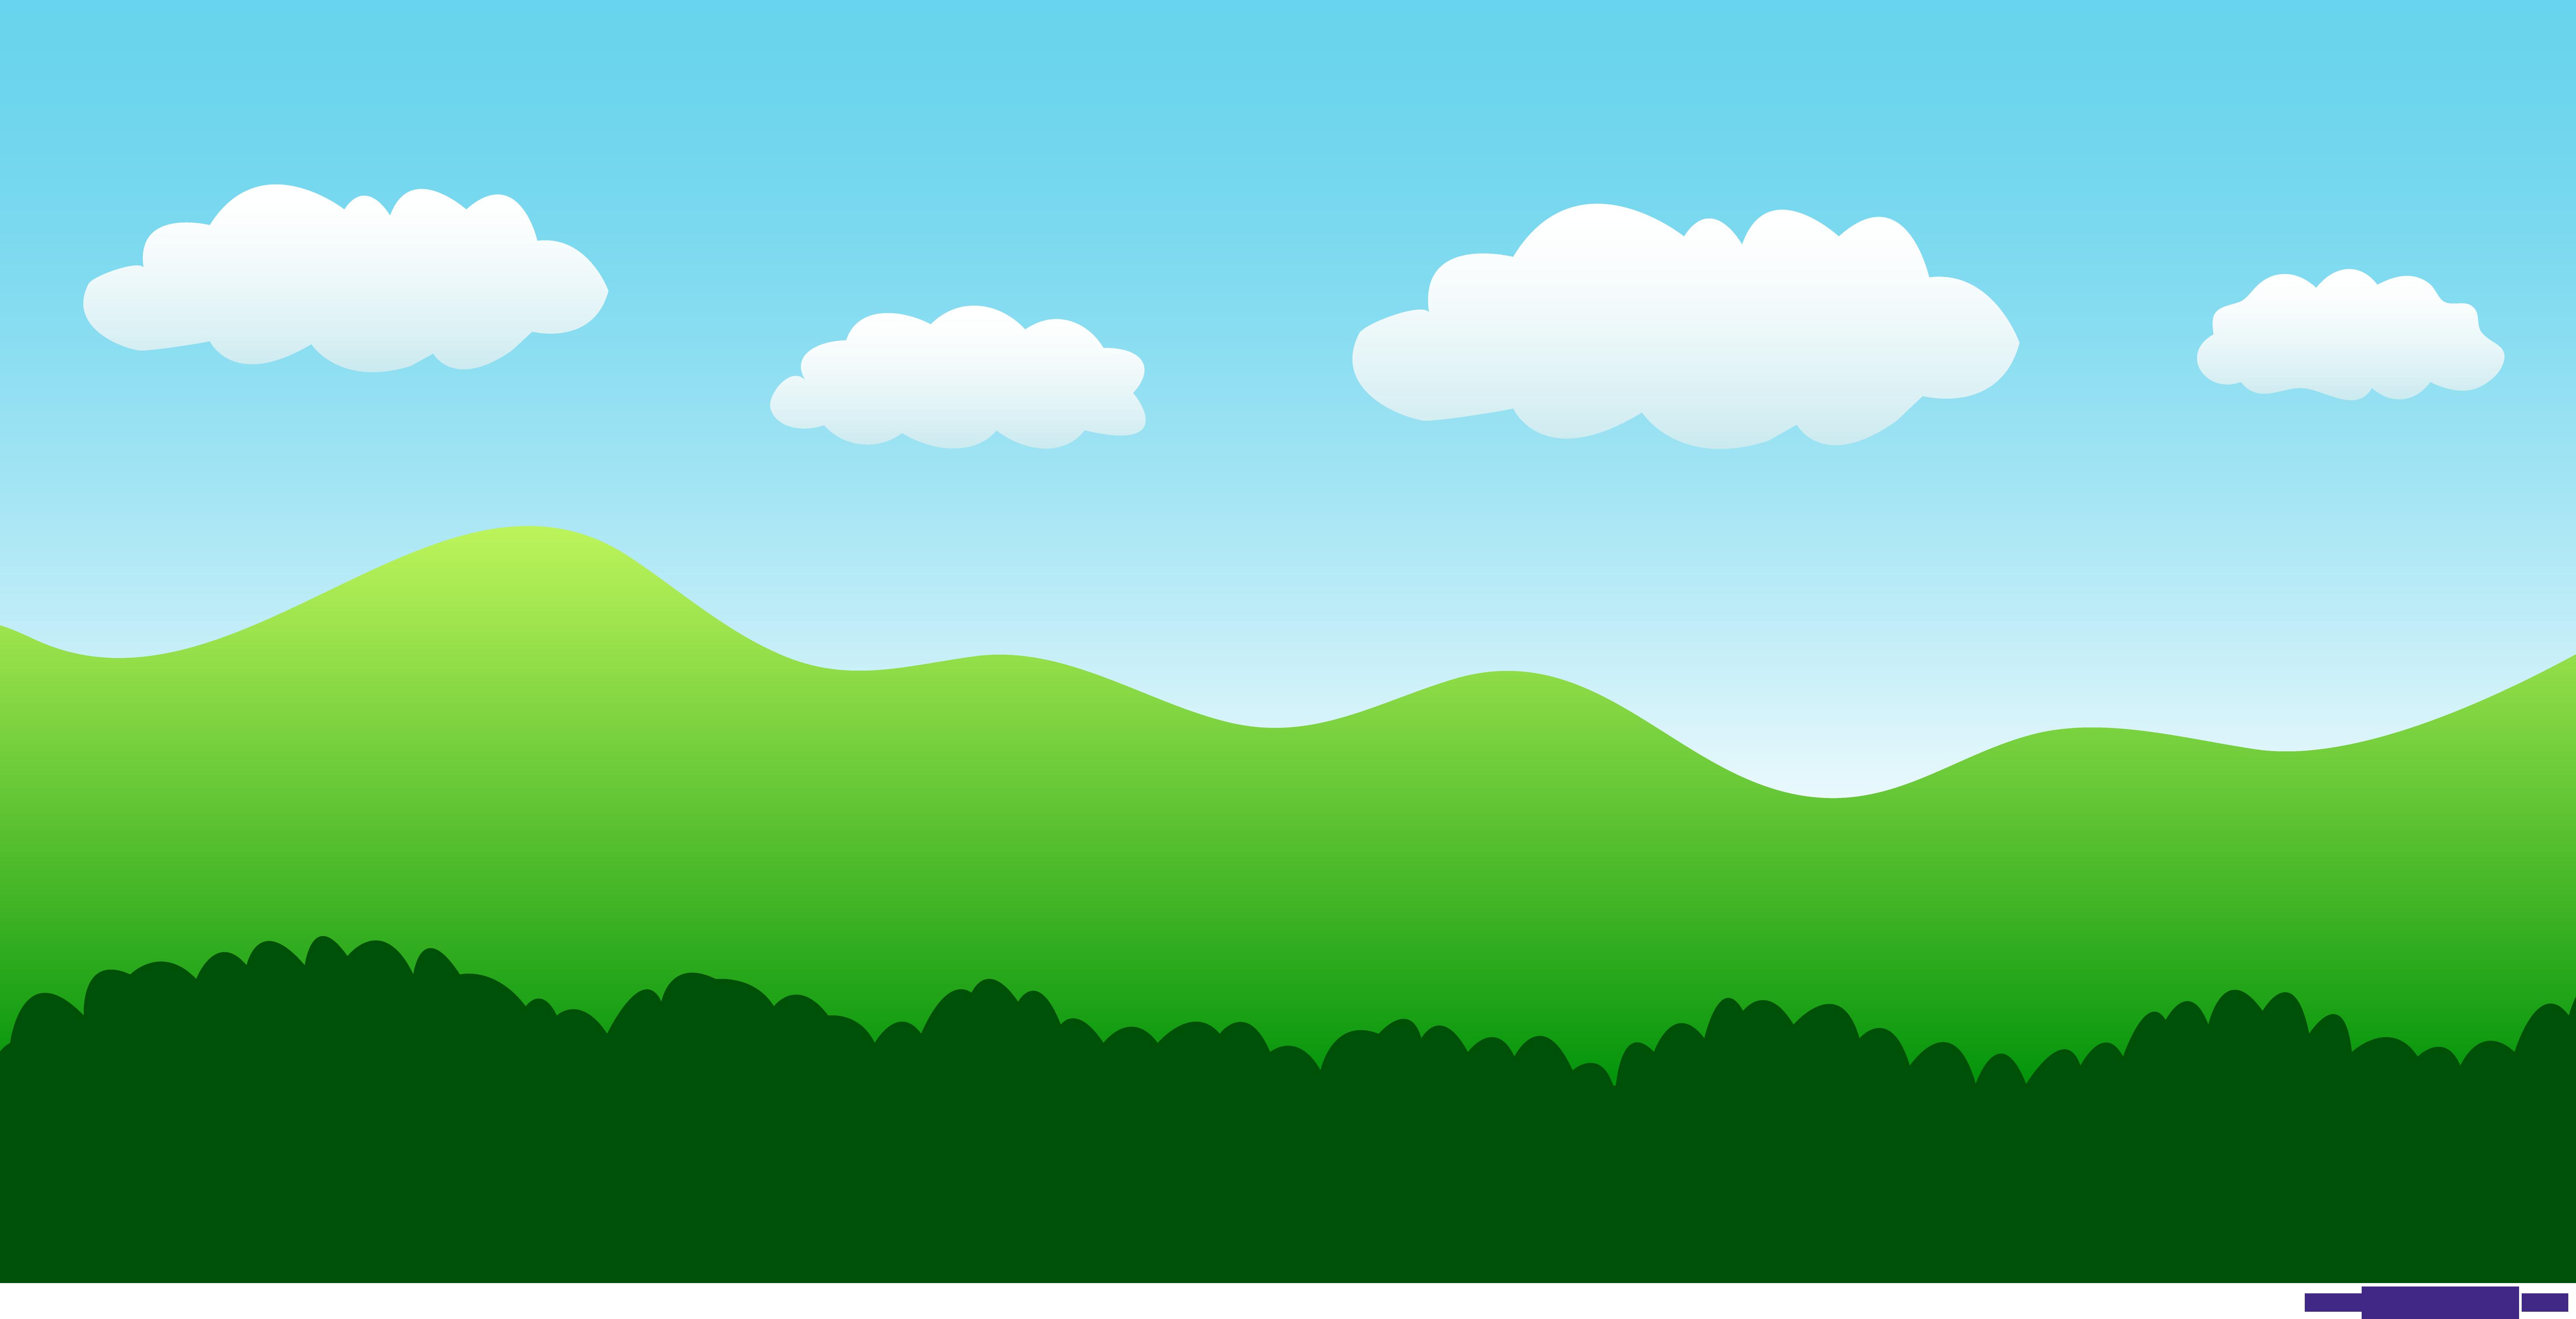 nature settings simple landscape 1 clipart